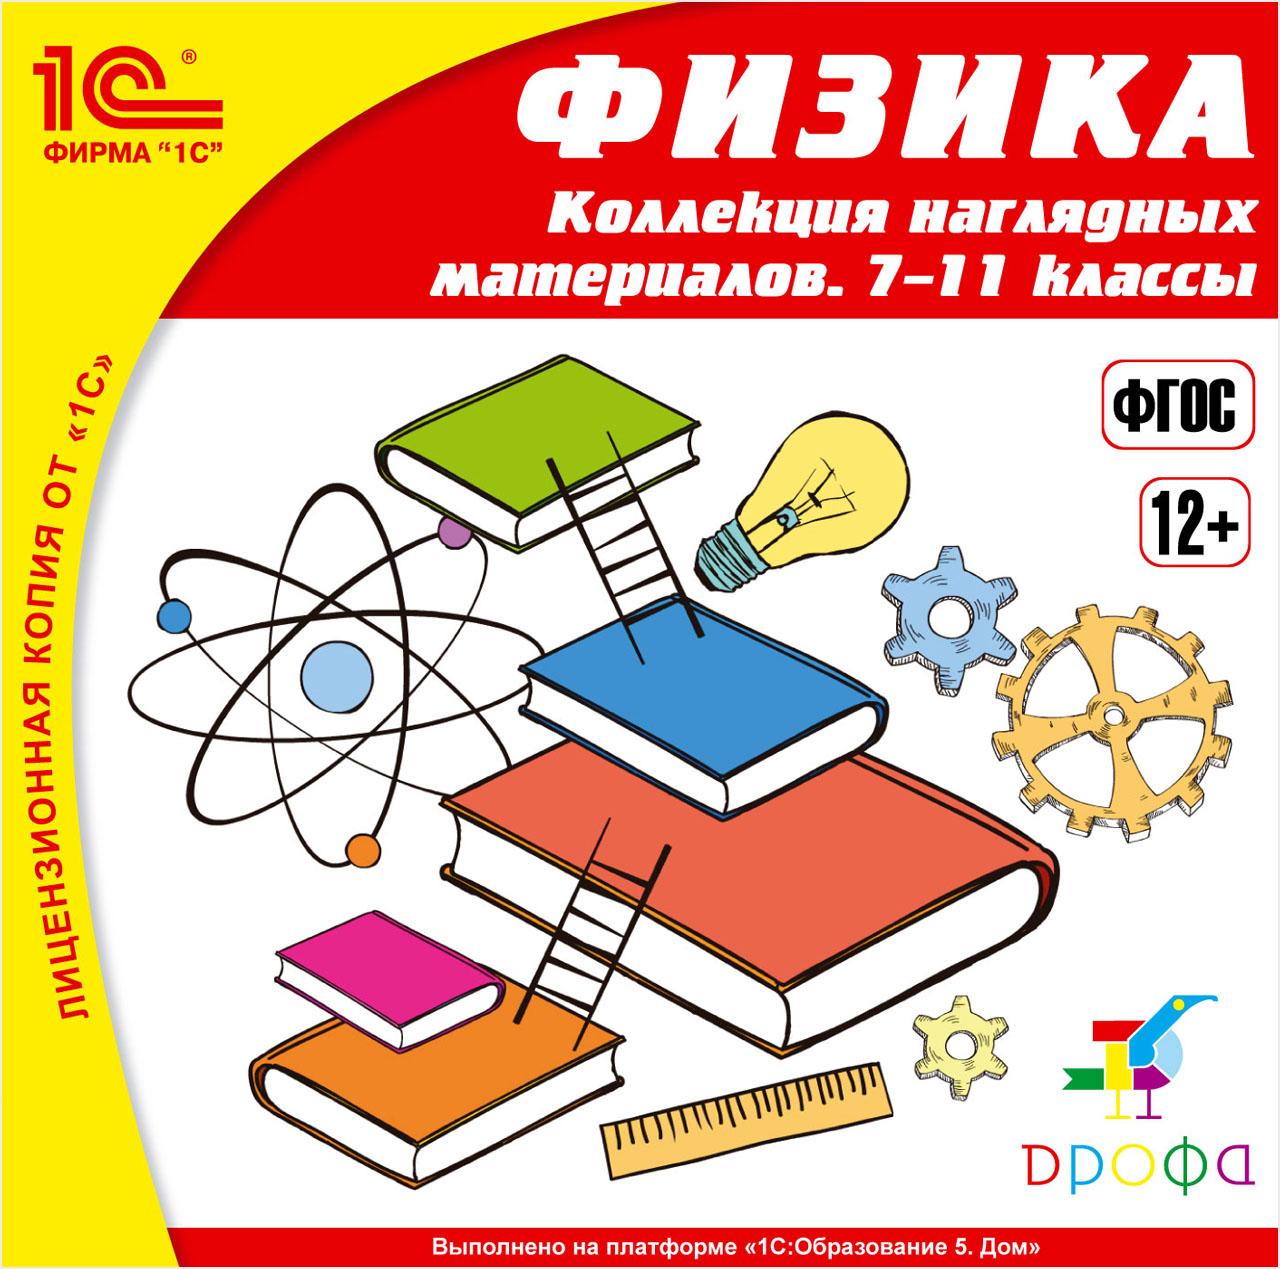 Физика, 7–11 класс. Коллекция наглядных материаловВ пособии Физика, 7–11 класс. Коллекция наглядных материалов собраны ресурсы по всему курсу физики для учащихся и учителей<br>